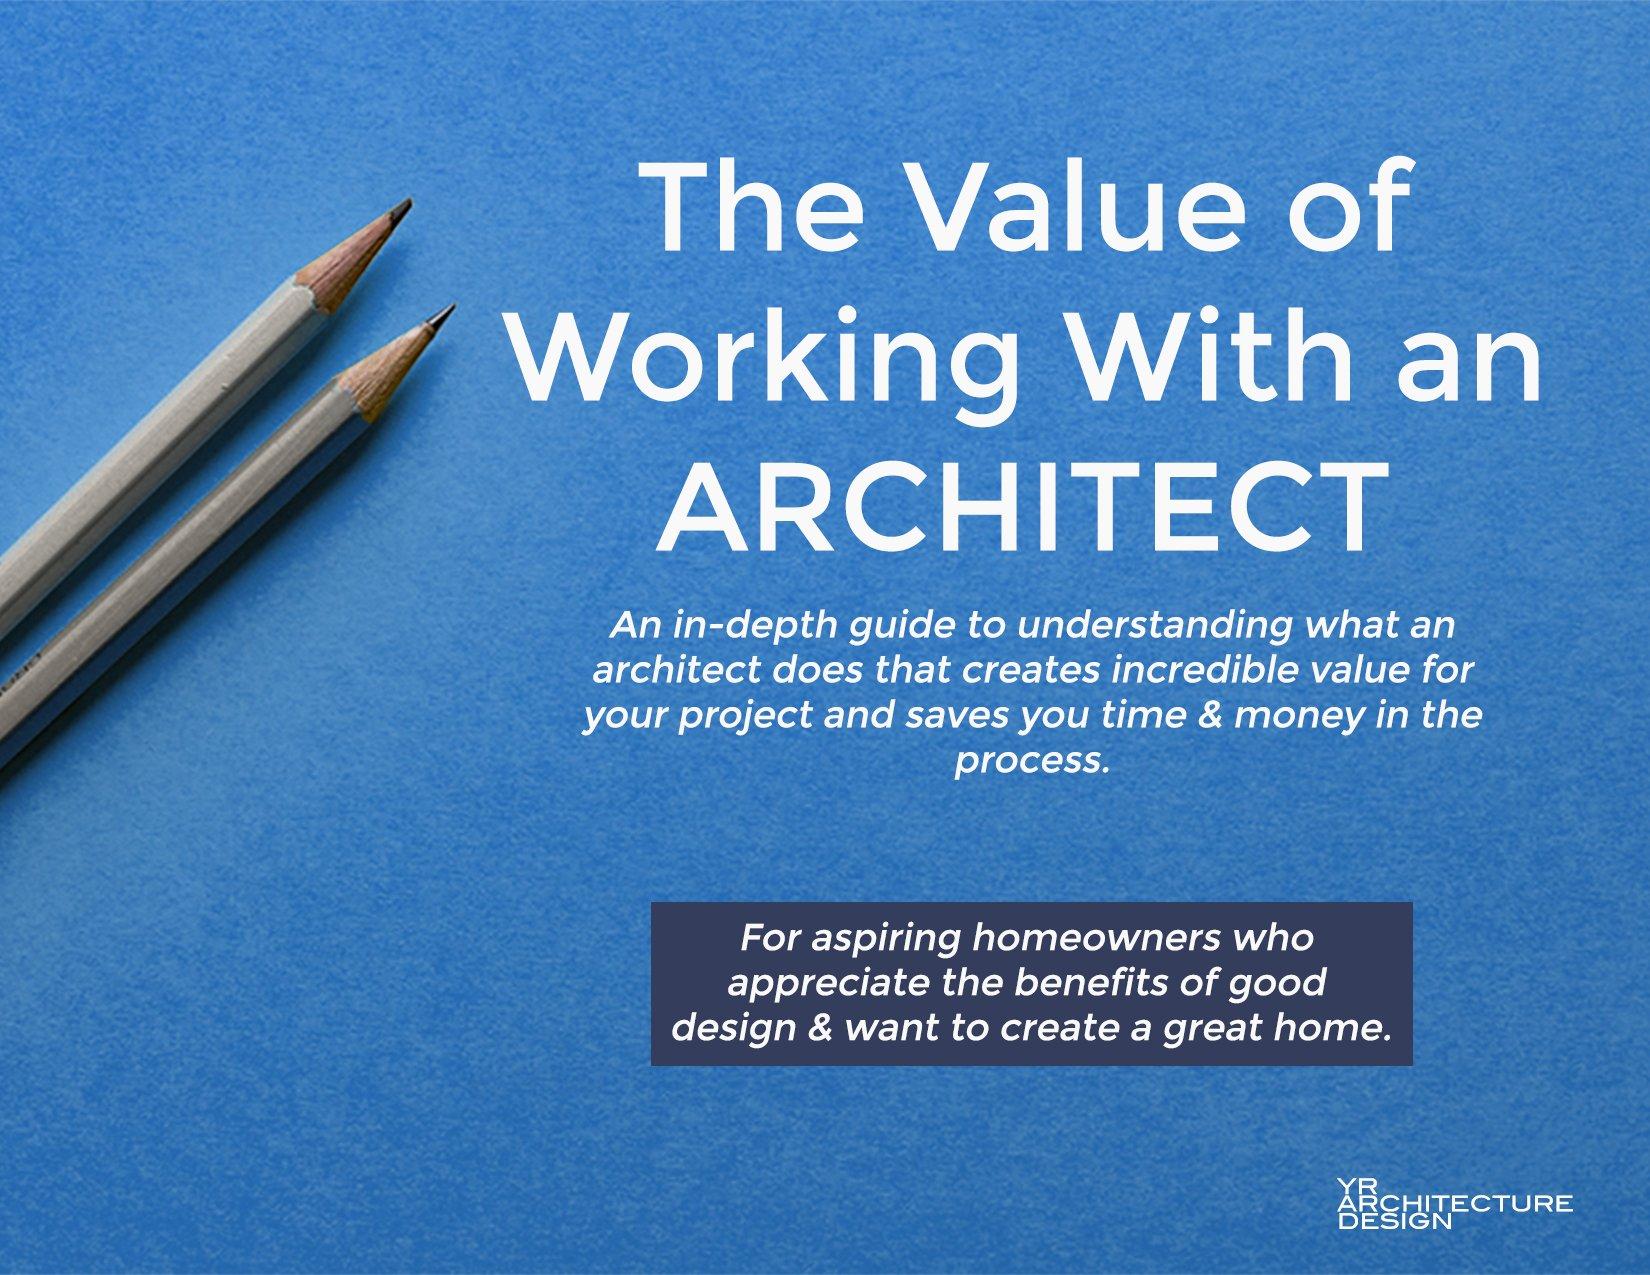 Concept Design Services - YR Architecture + Design